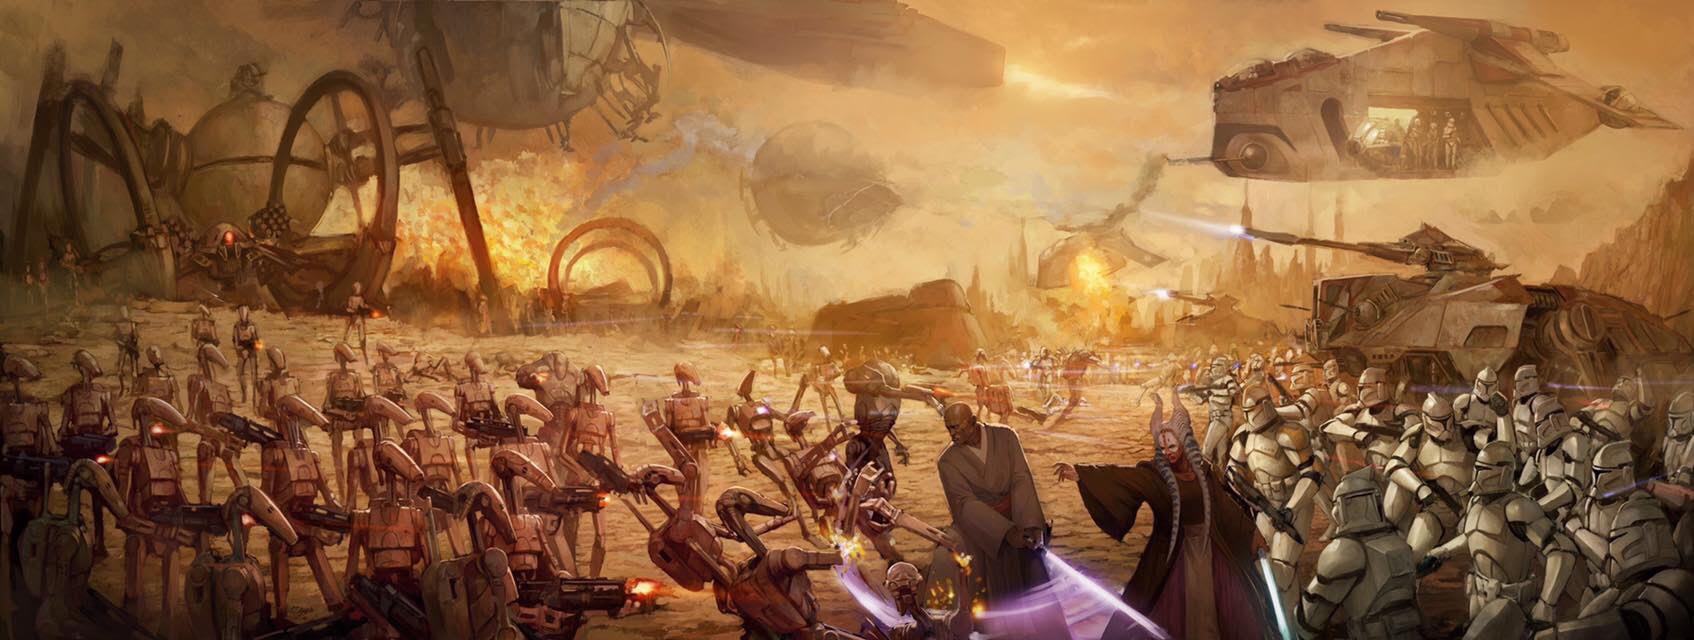 Battle of Geonosis-OTFL.jpg